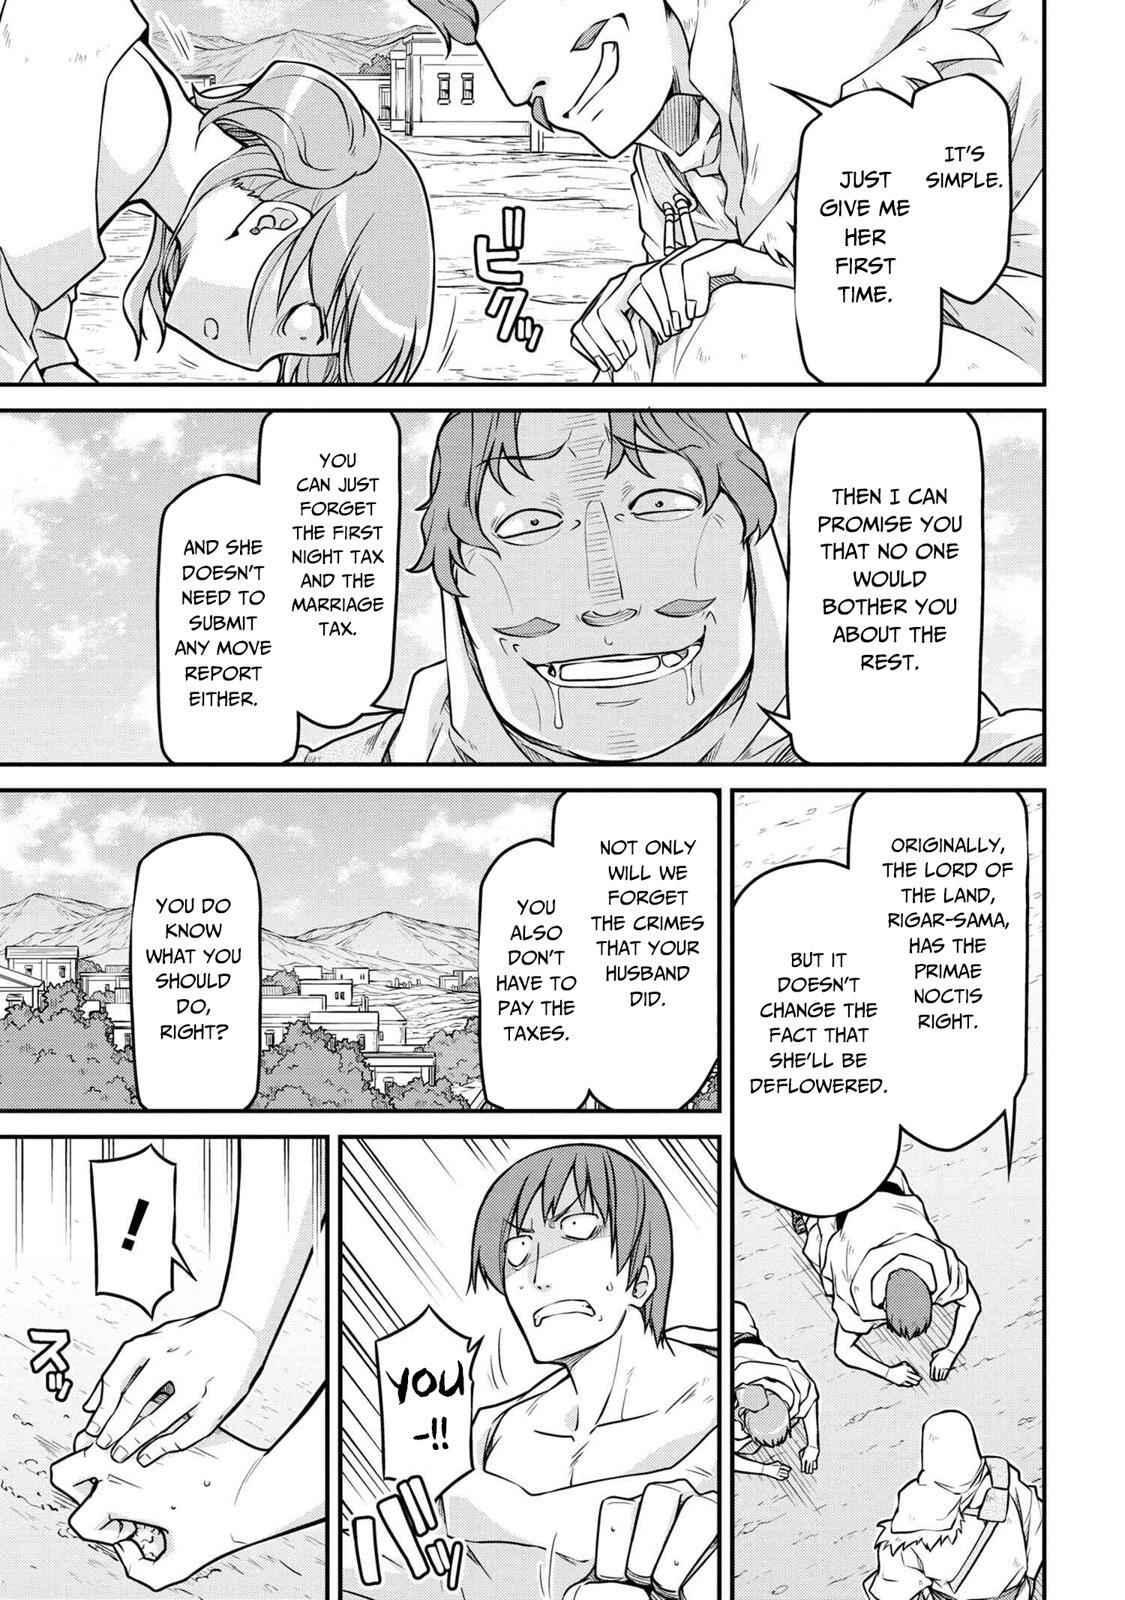 Isekai Kenkokuki - chapter 38.2-eng-li